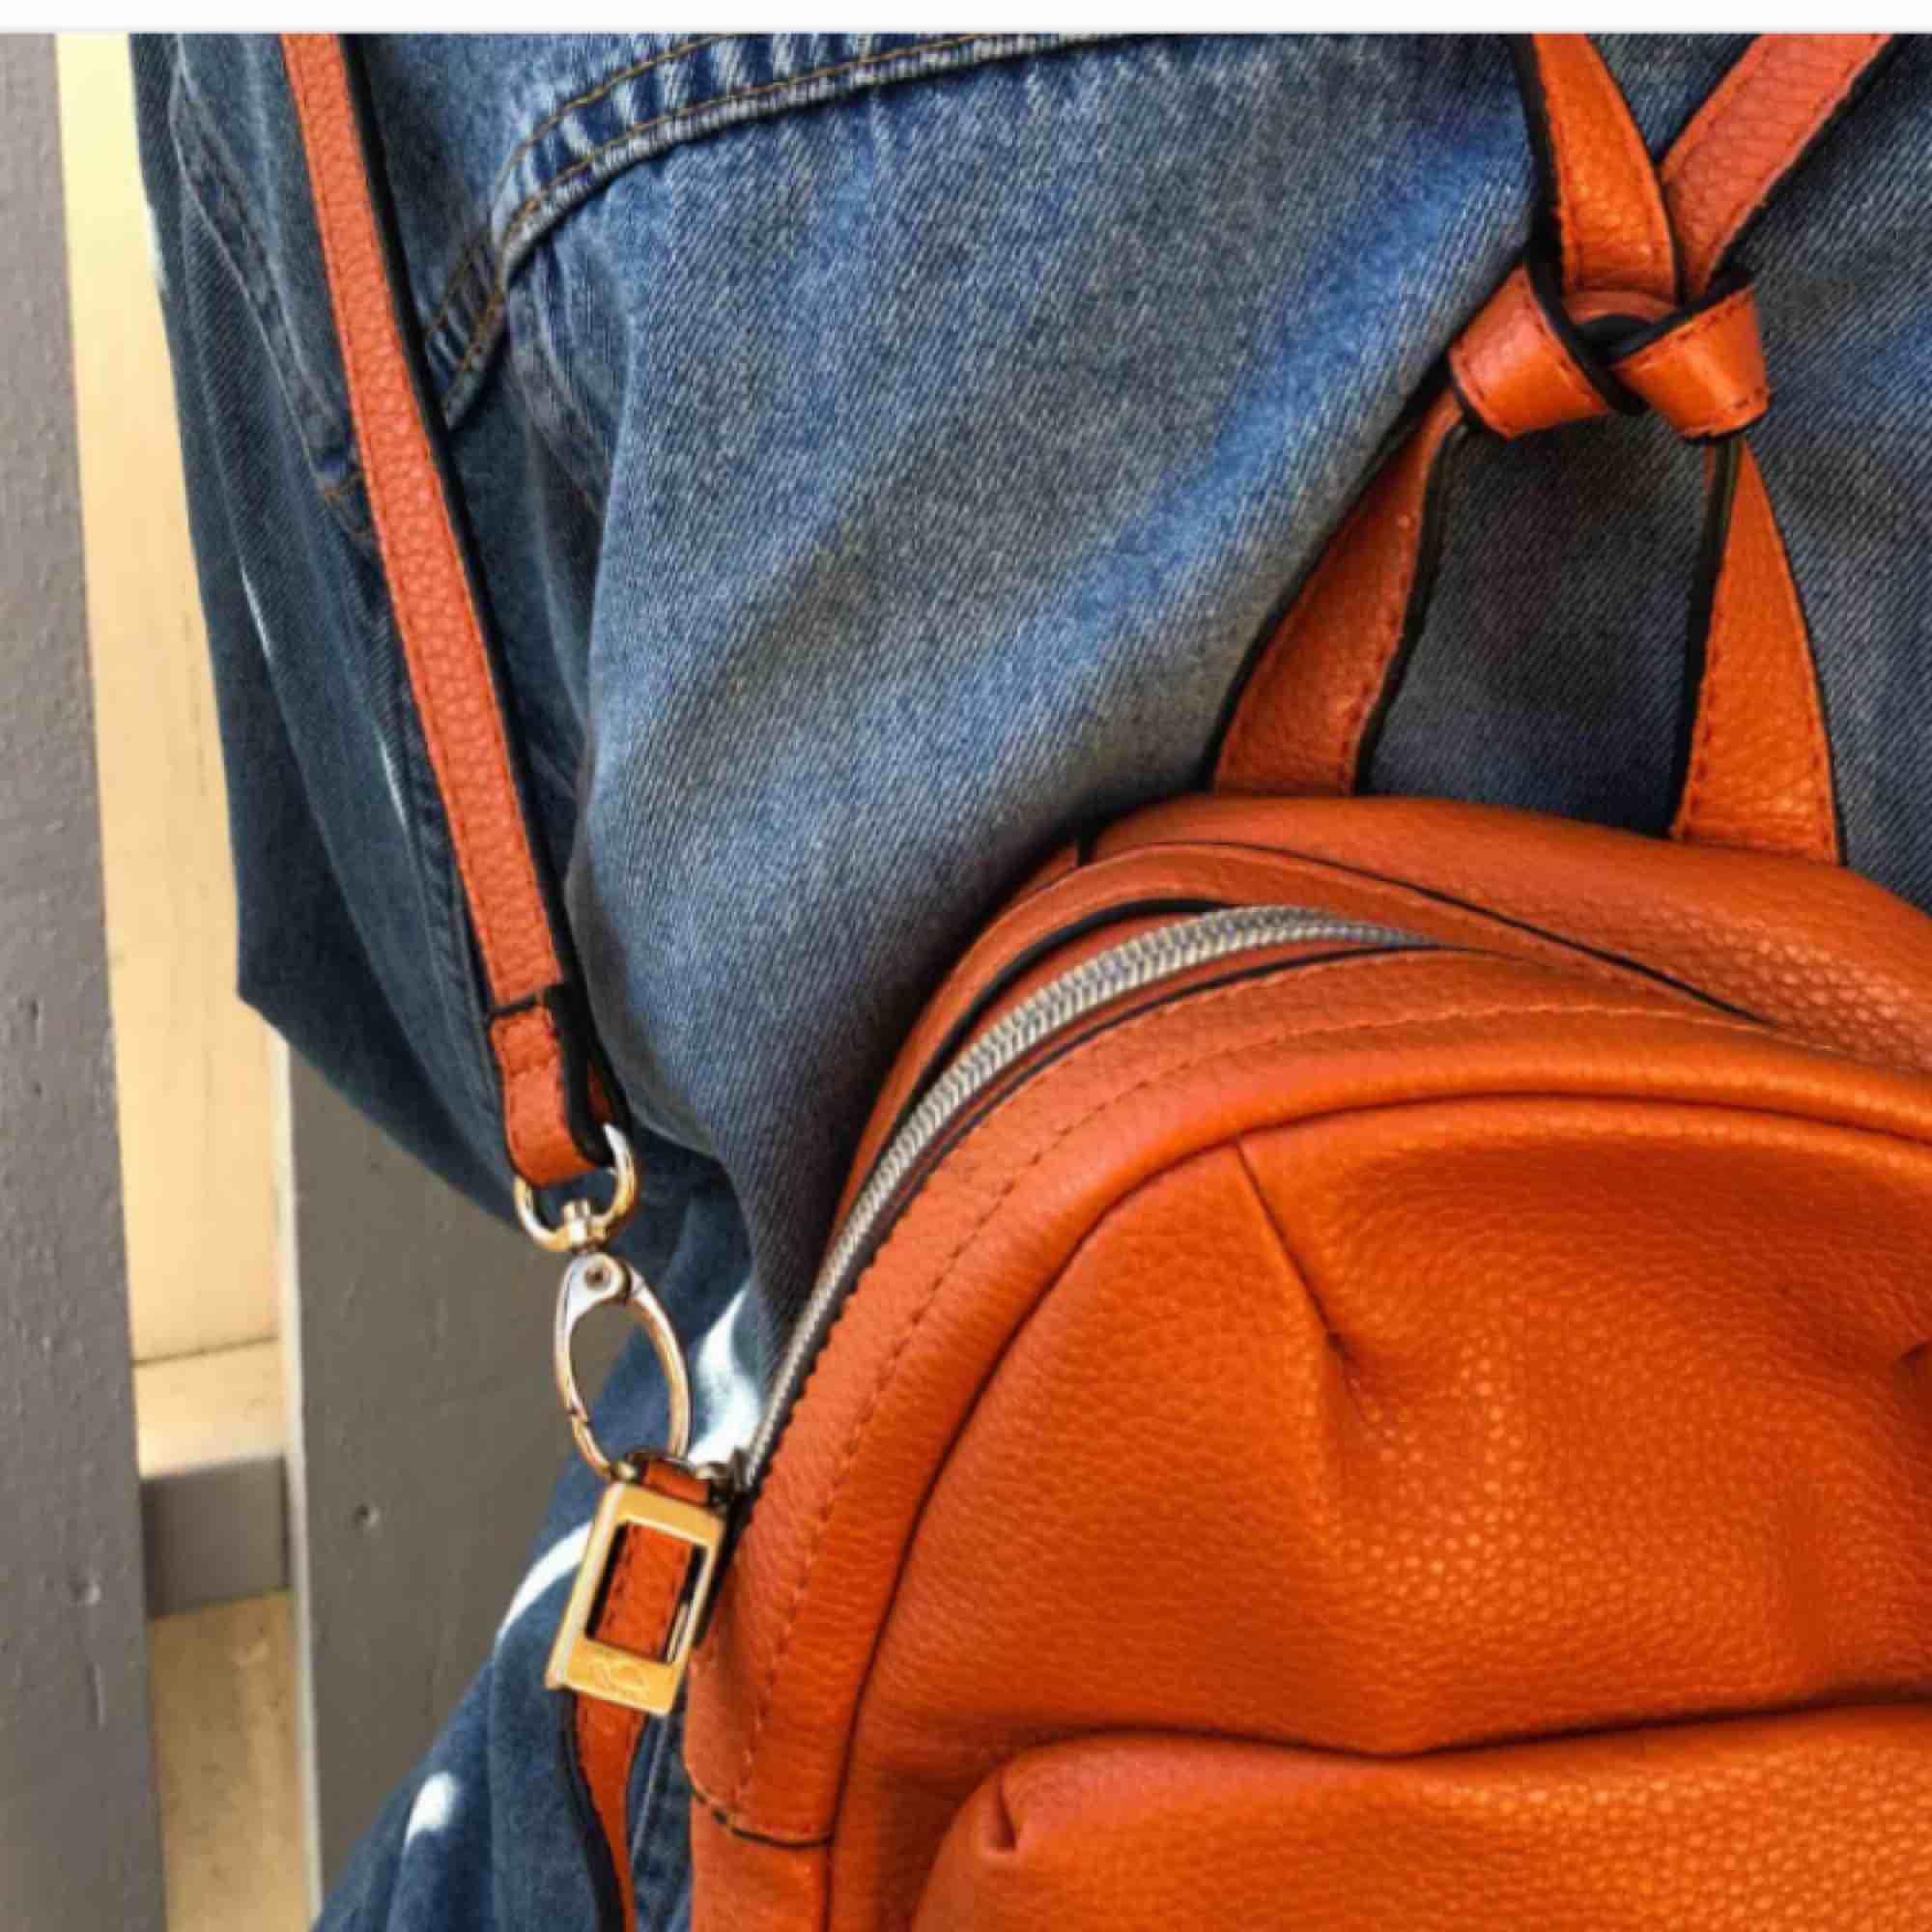 En ryggsäck från märket caprisa köpt i london. Väskor.